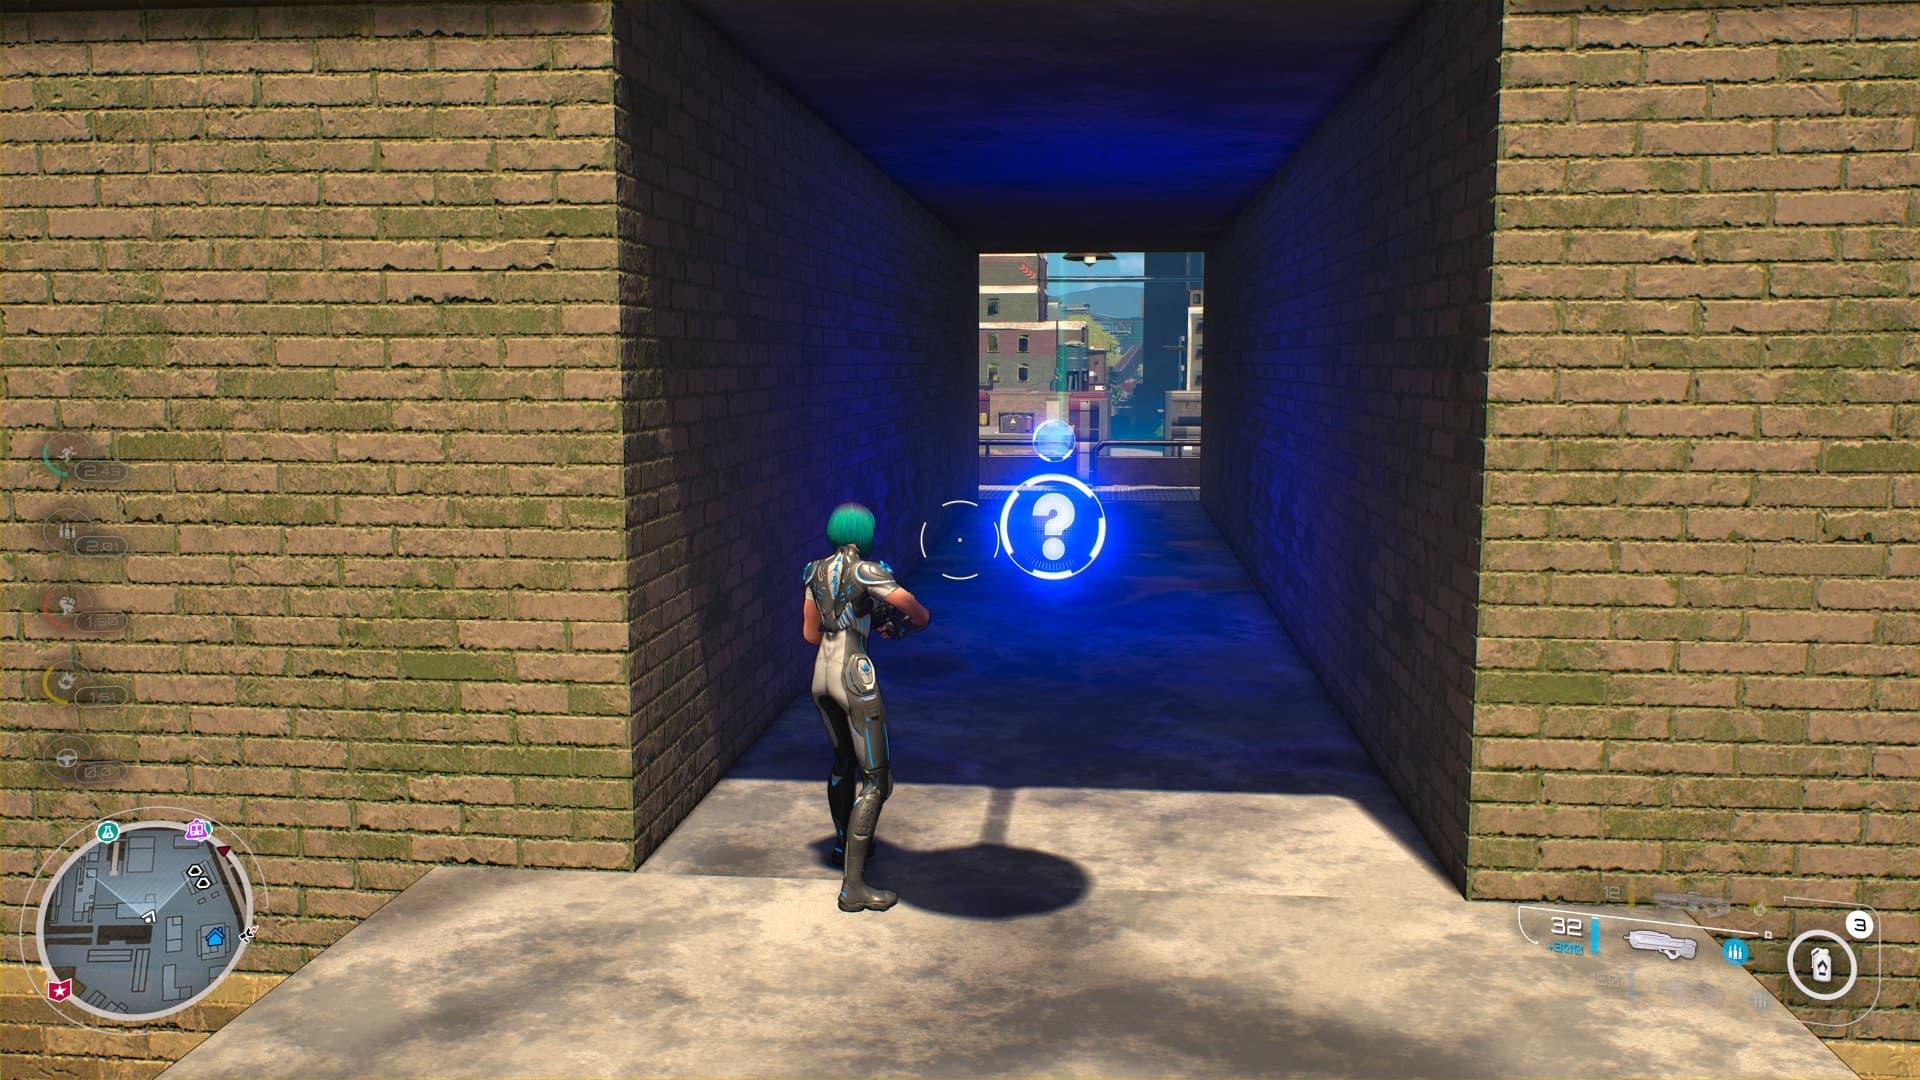 Análisis de Crackdown 3 - Xbox One 3